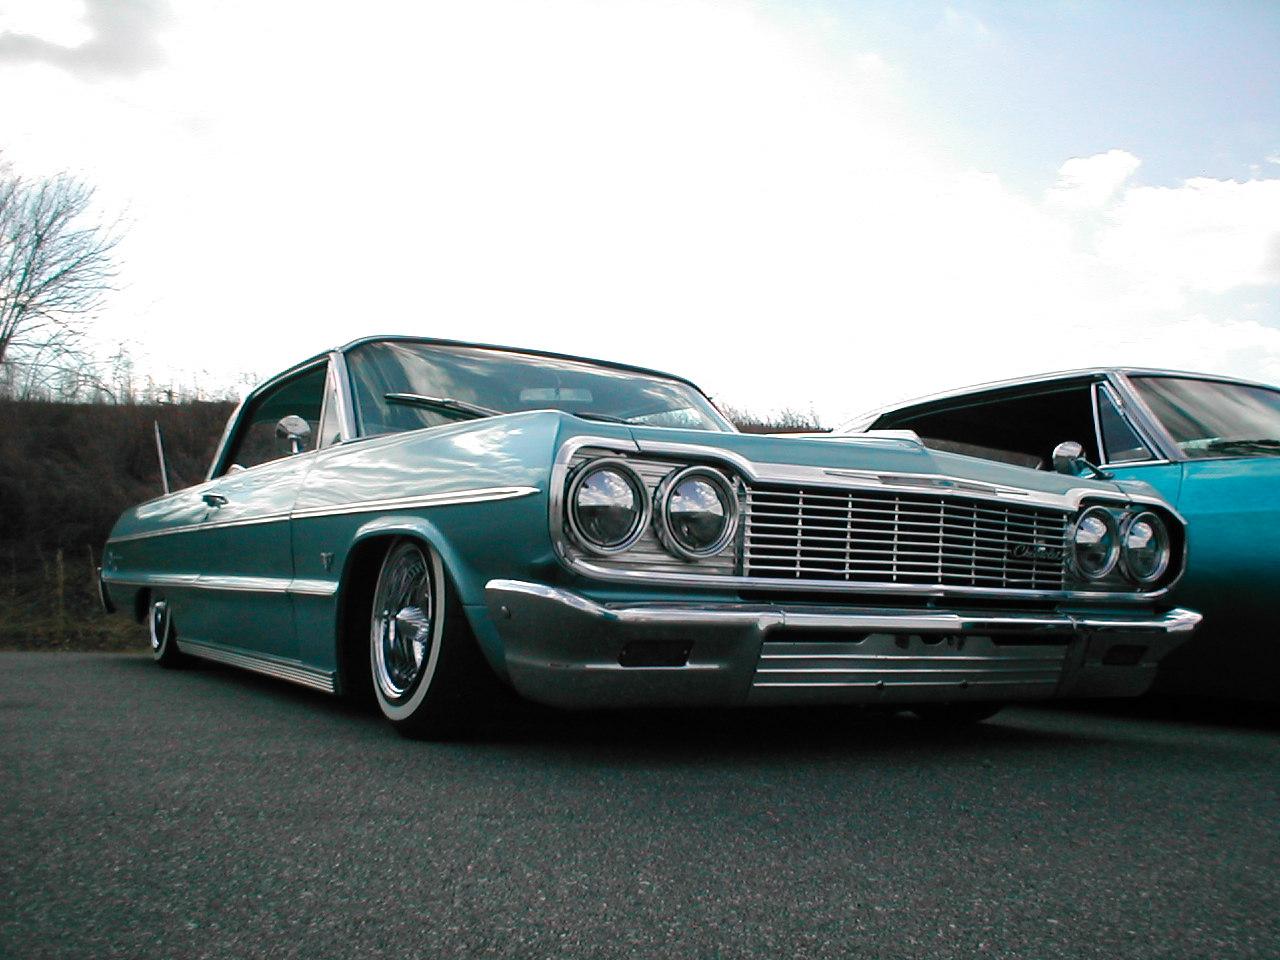 64 Impala Lowrider Wallpaper Free Wa11papers Impala 64